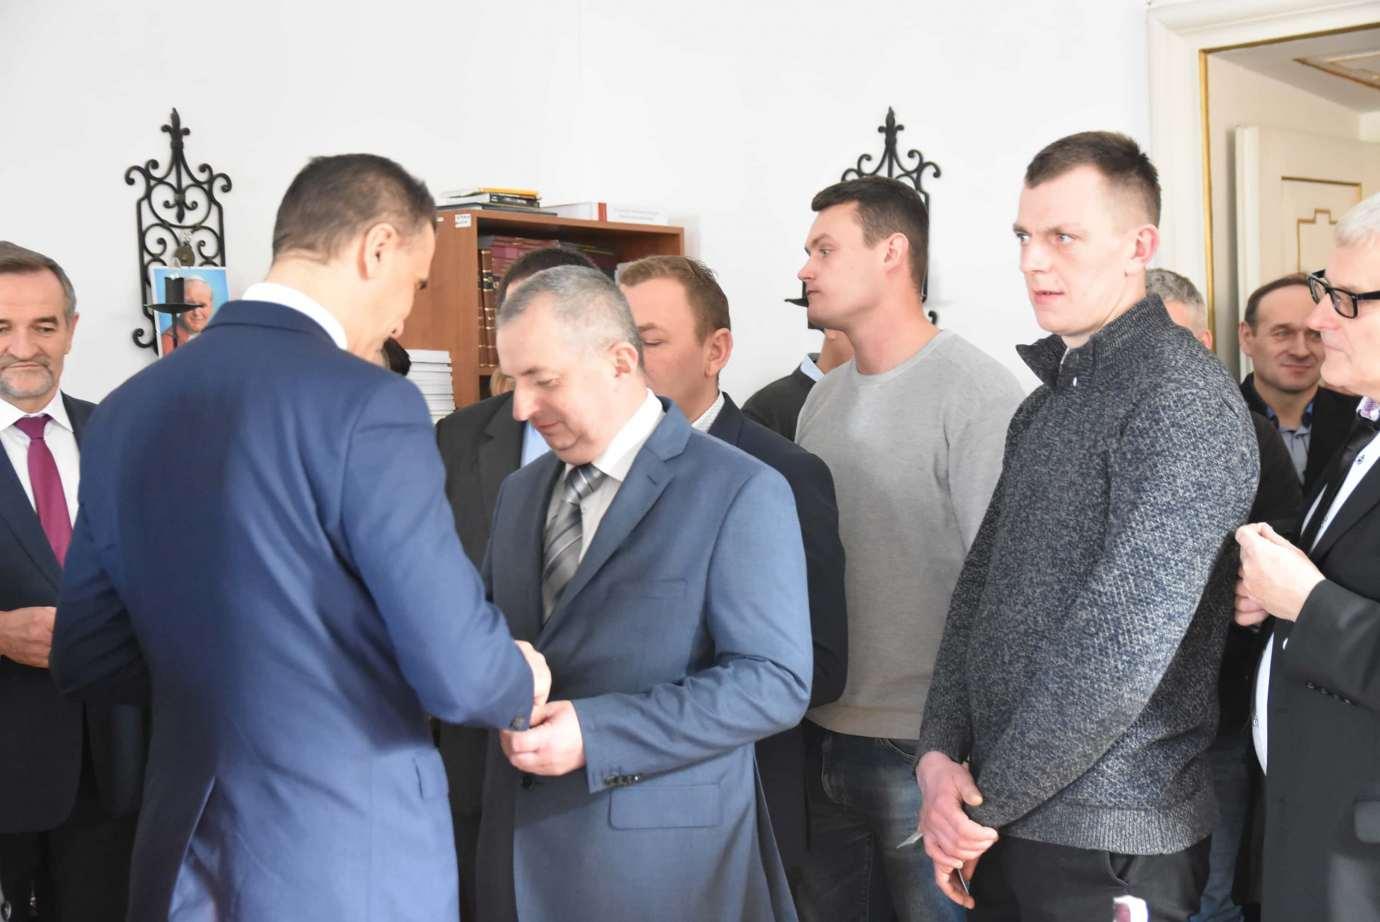 dsc 4059 Zamość: Otwarcie nowego biura poselskiego Jarosława Sachajko. [ZDJĘCIA, FILM]